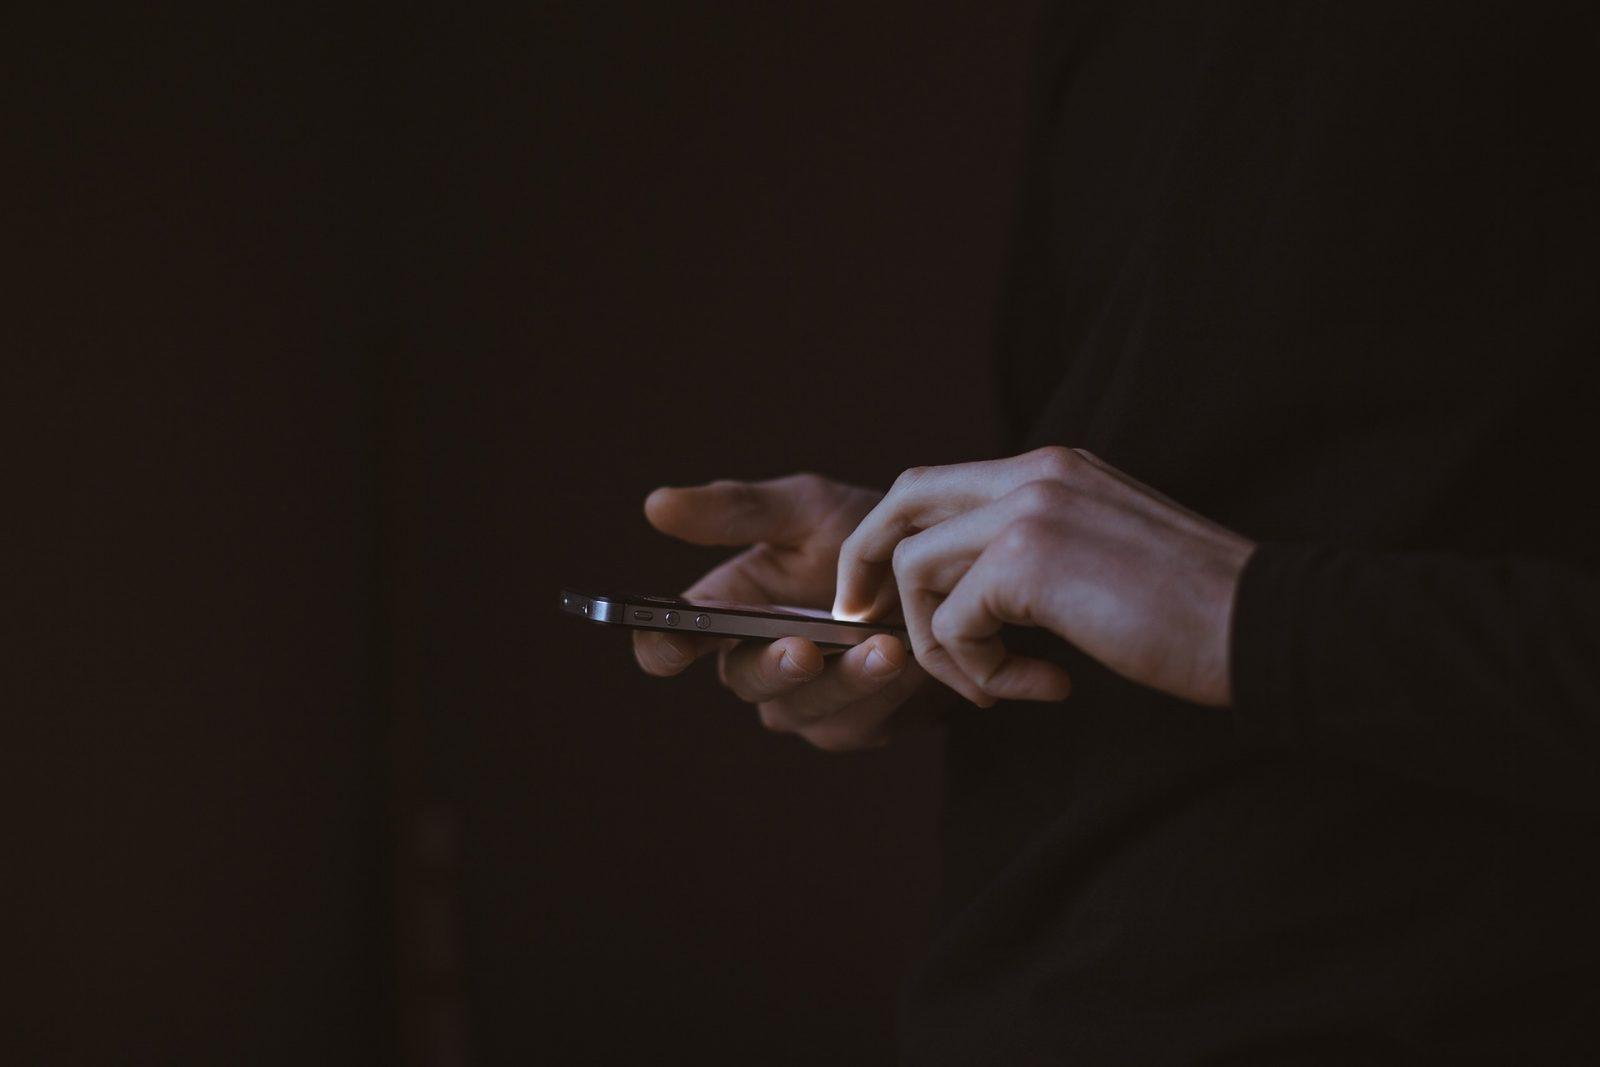 Le CISSS de Chaudière-Appalaches met en garde la population concernant des appels frauduleux